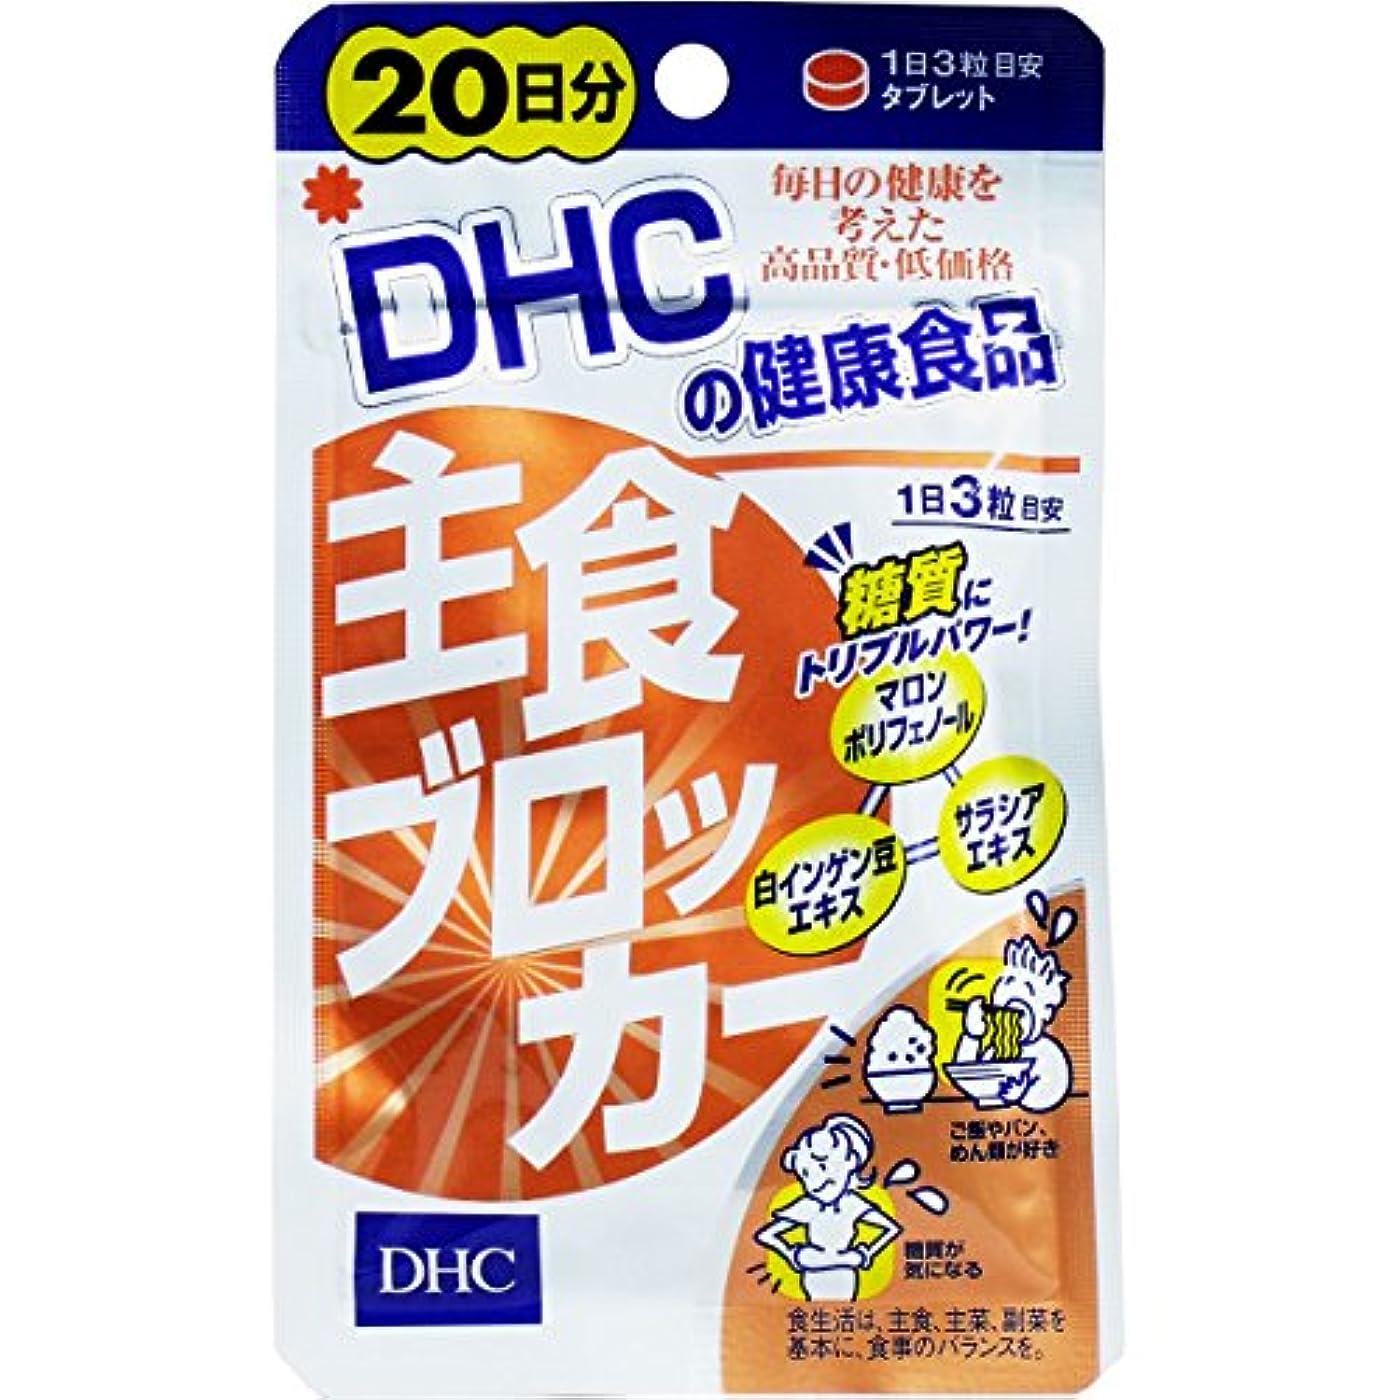 正義気付く降伏ダイエット トリプルパワーでため込み対策 栄養機能食品 DHC 主食ブロッカー 20日分 60粒入【4個セット】